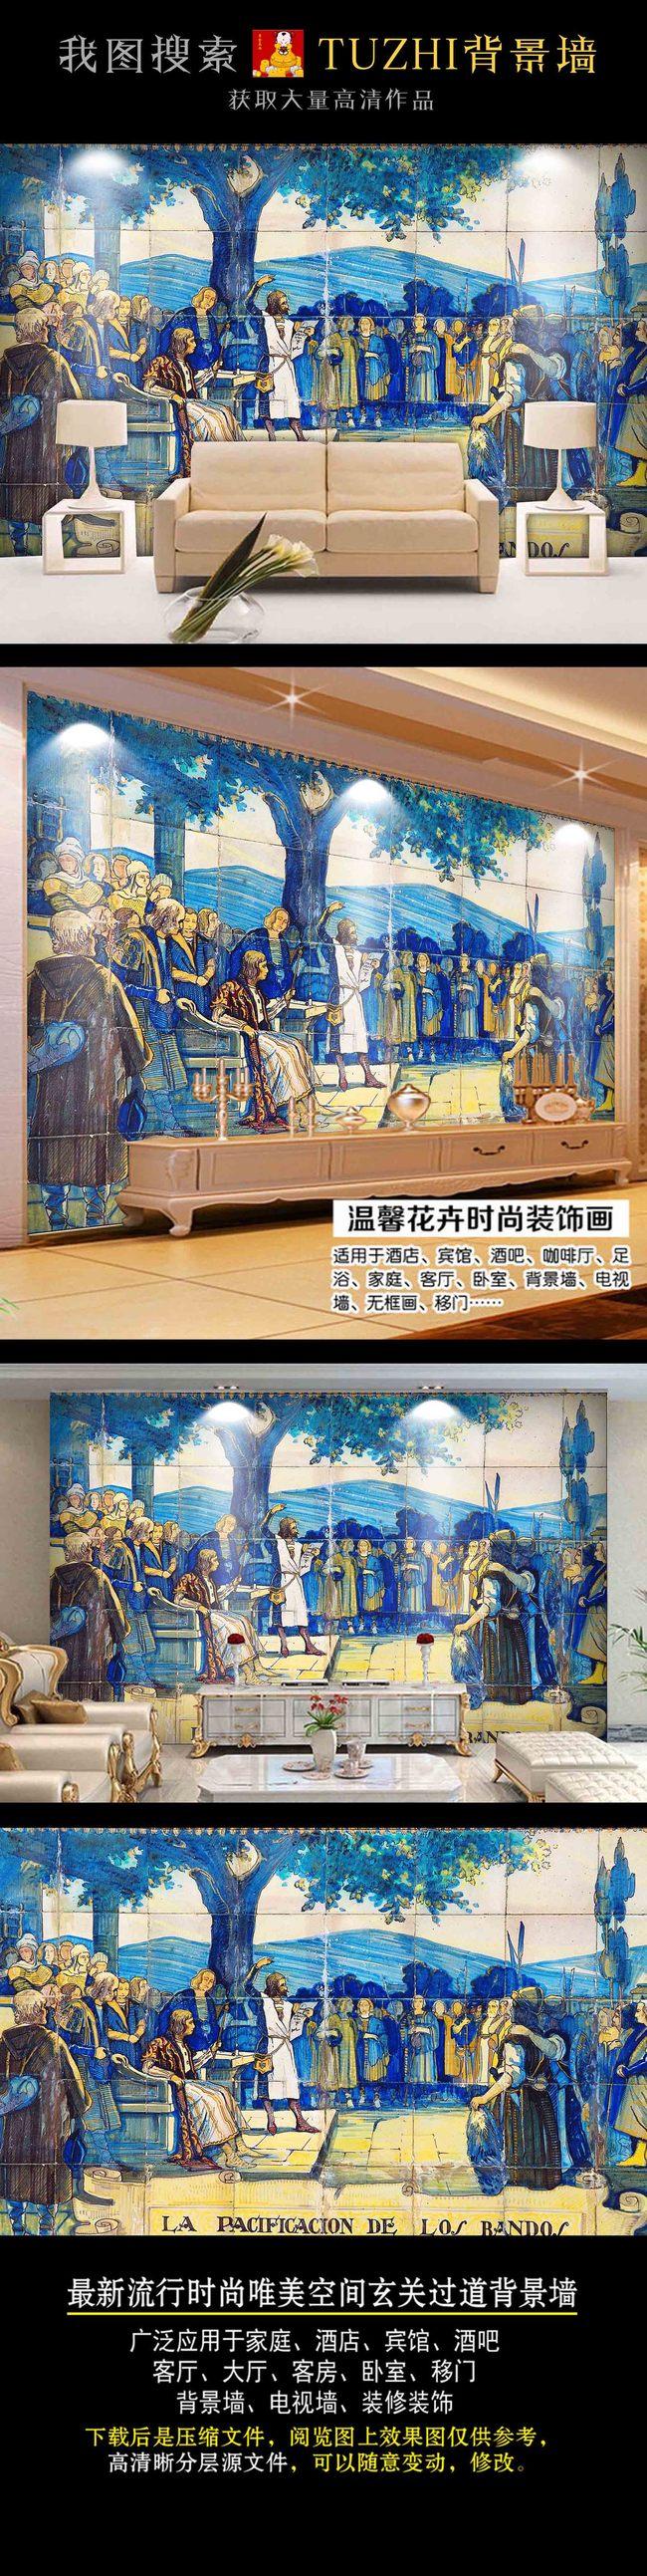 3d瓷砖欧式古典人物风景油画电视背景墙图片作品是设计师在2015-04-16 20:23:45上传到我图网,图片编号为13422168,图片素材大小为727.61M,软件为 Photoshop 7.0(.psd分层),图片尺寸/像素为 宽320 X 高200 厘米,颜色模式为 RGB。被素材作品已经下架,敬请期待重新上架。 您也可以查看和3d瓷砖欧式古典人物风景油画电视背景墙图片相似的作品。